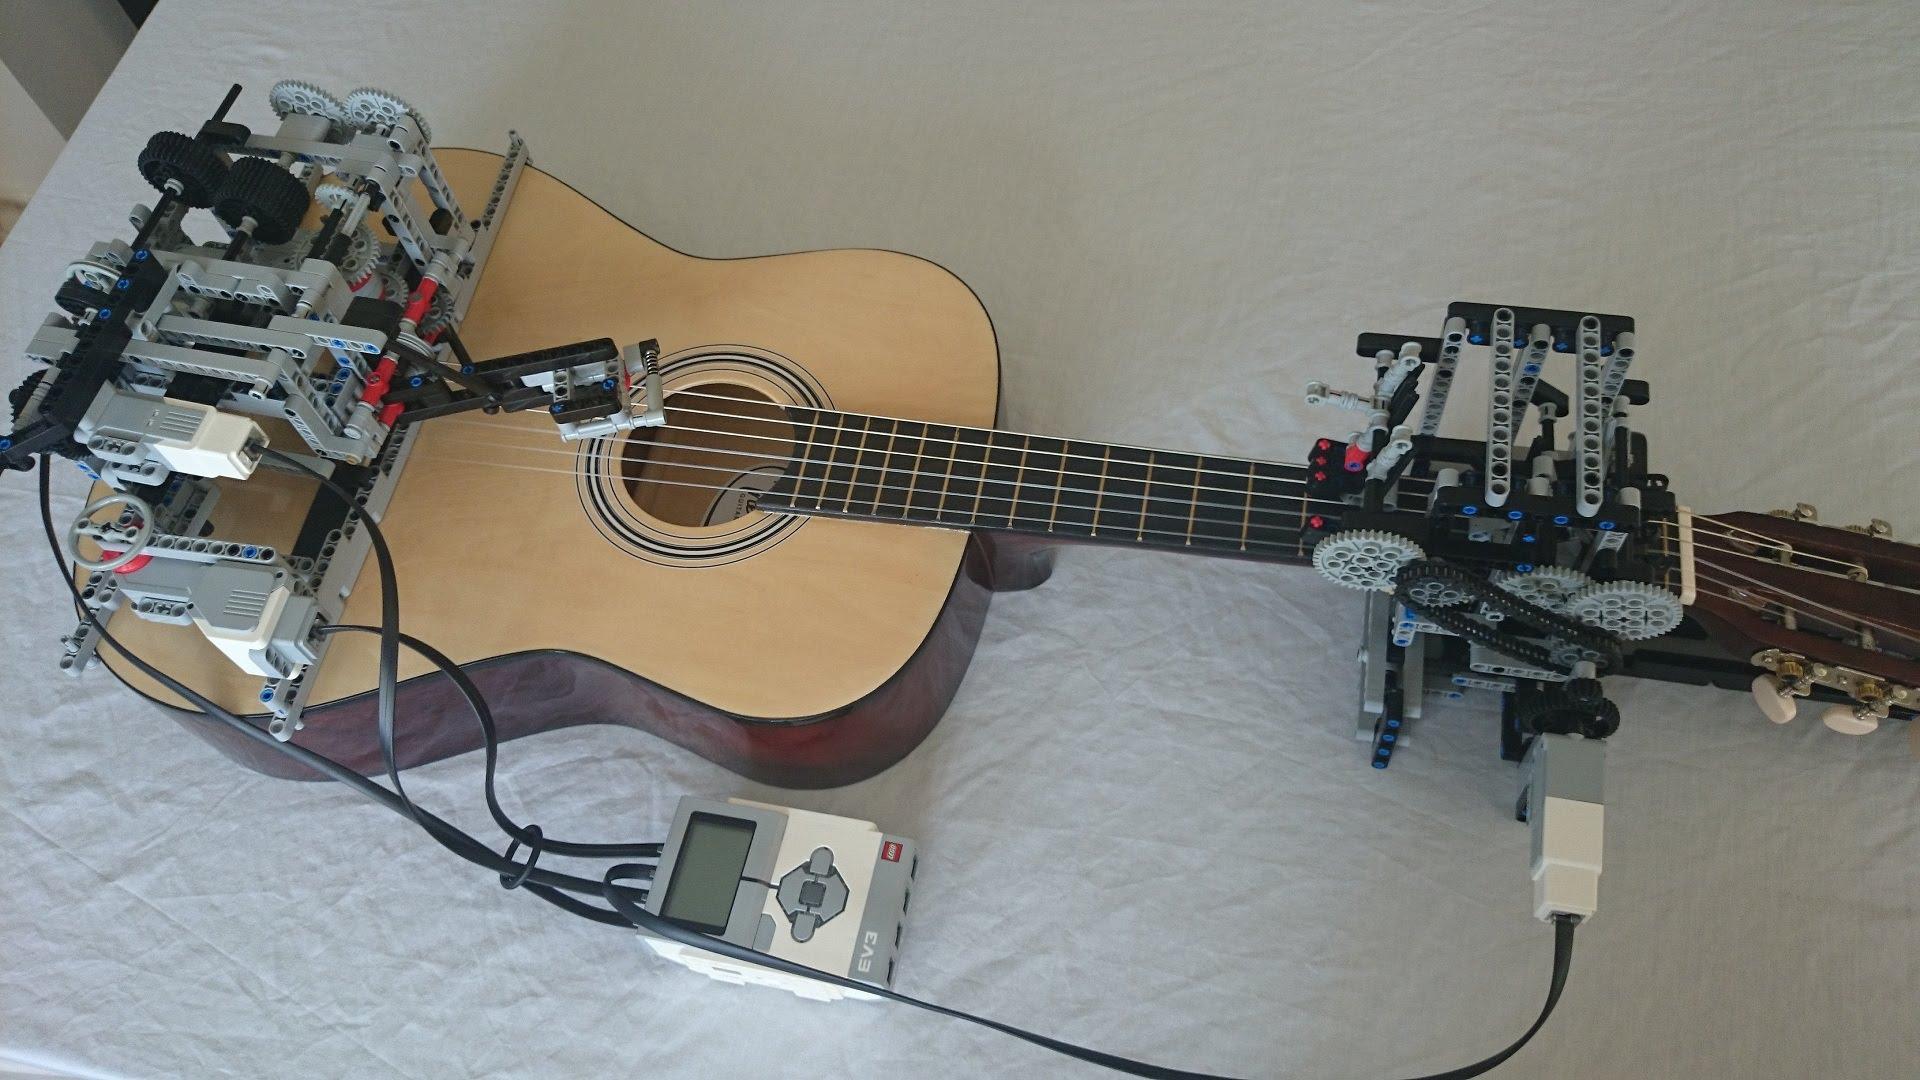 Zobacz jak Lego robot gra na gitarze